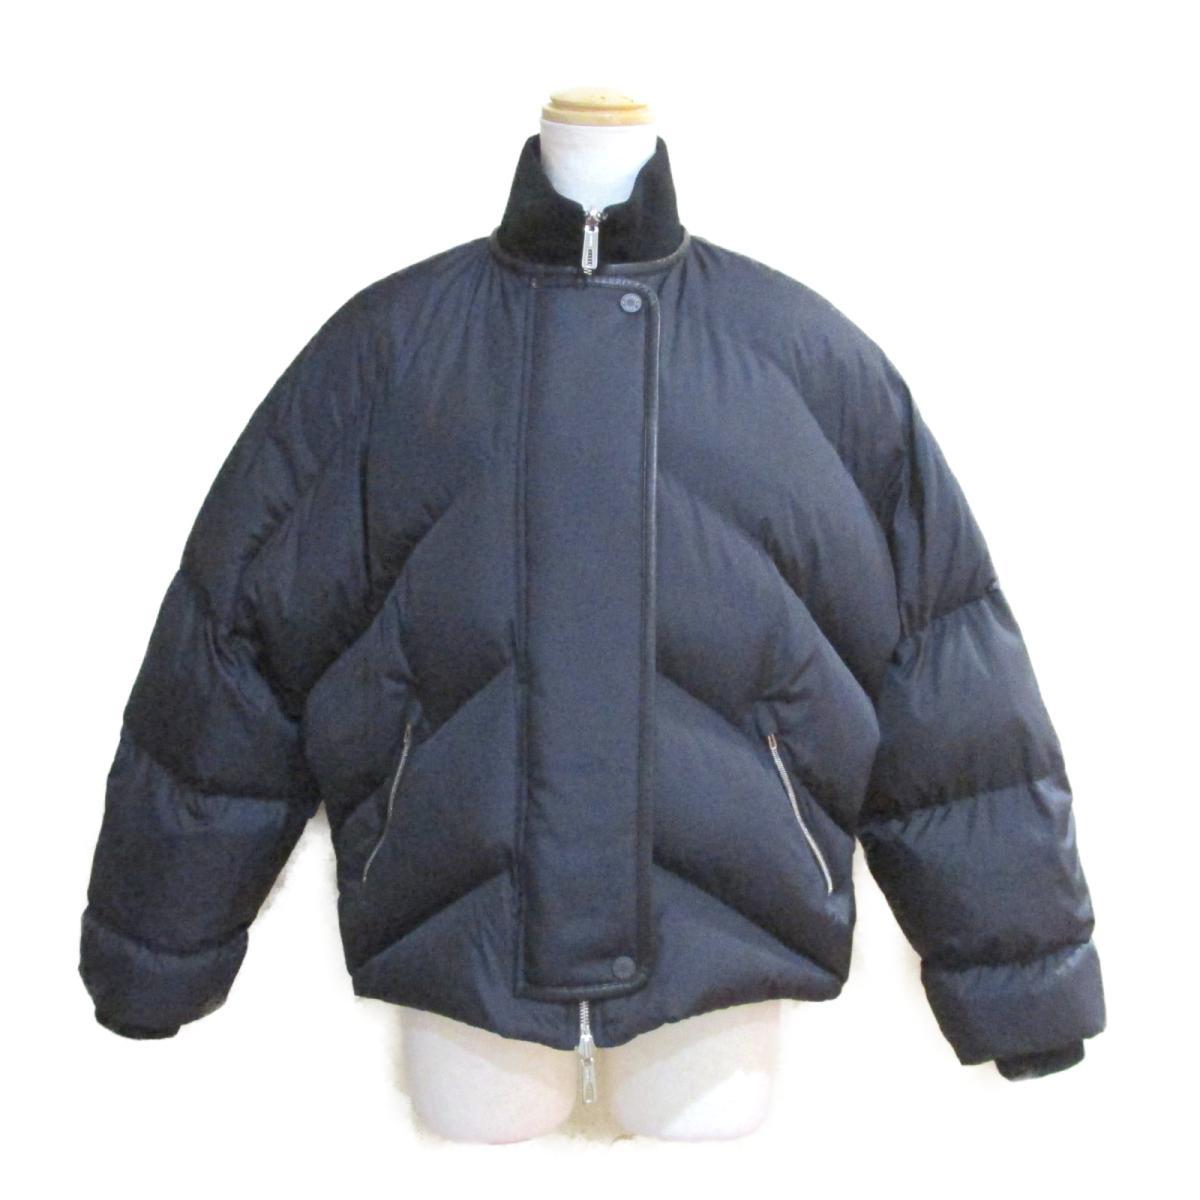 【中古】 エルメス キルティング・ショートジャケット コート レディース ポリエステル ダウン フェザー ネイビー ホワイト イエロー グレー ブラック (H990125) | HERMES BRANDOFF ブランドオフ 衣類 ブランド アウター ジャケット